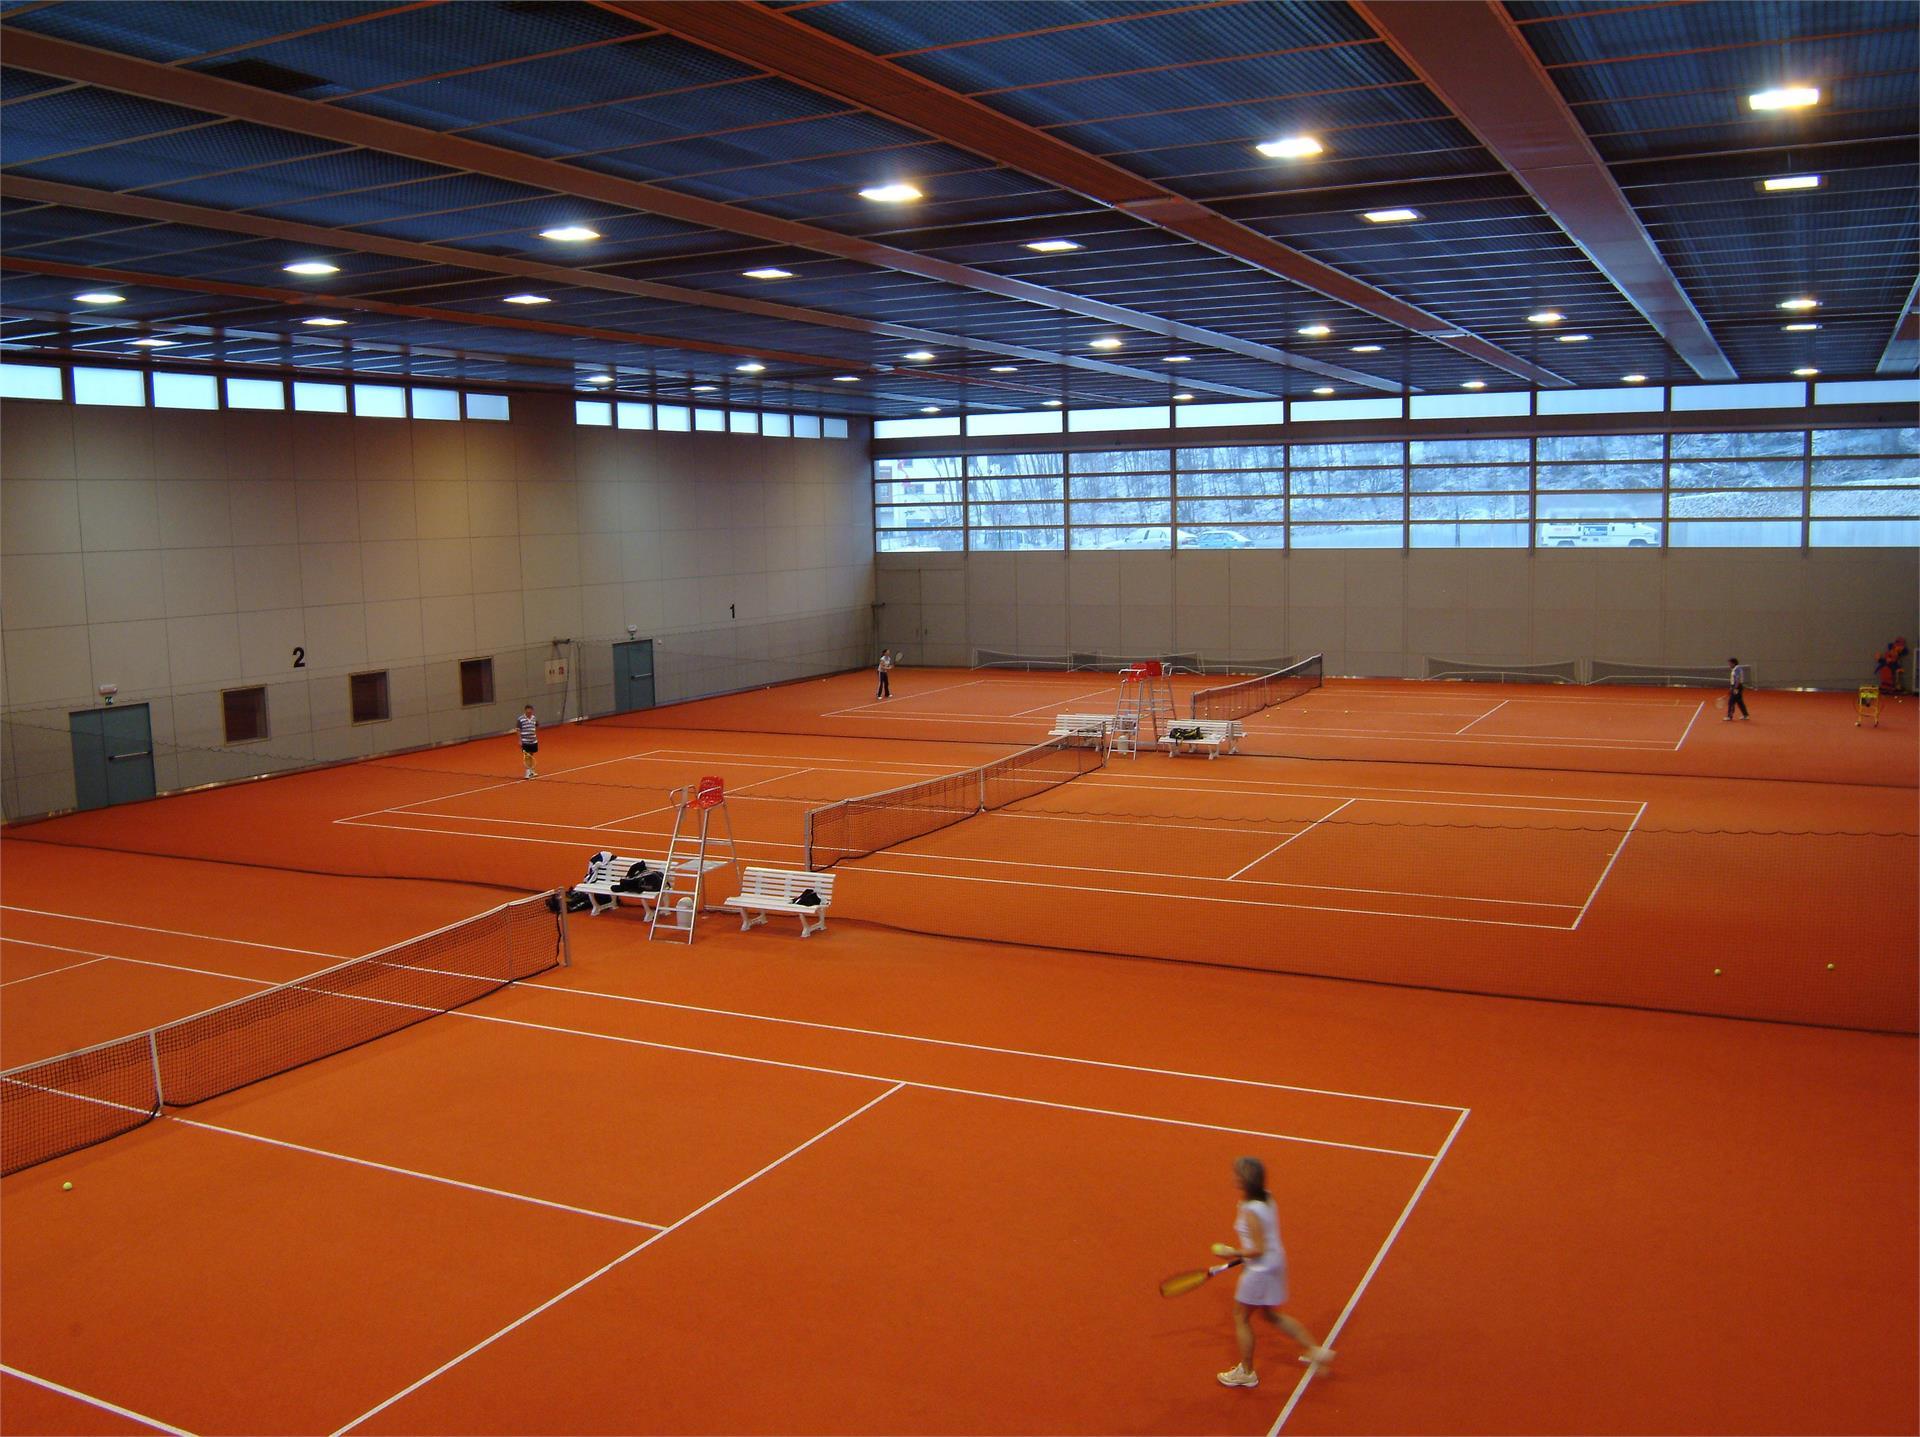 Palestra da tennis nel centro sportivo Sportwell